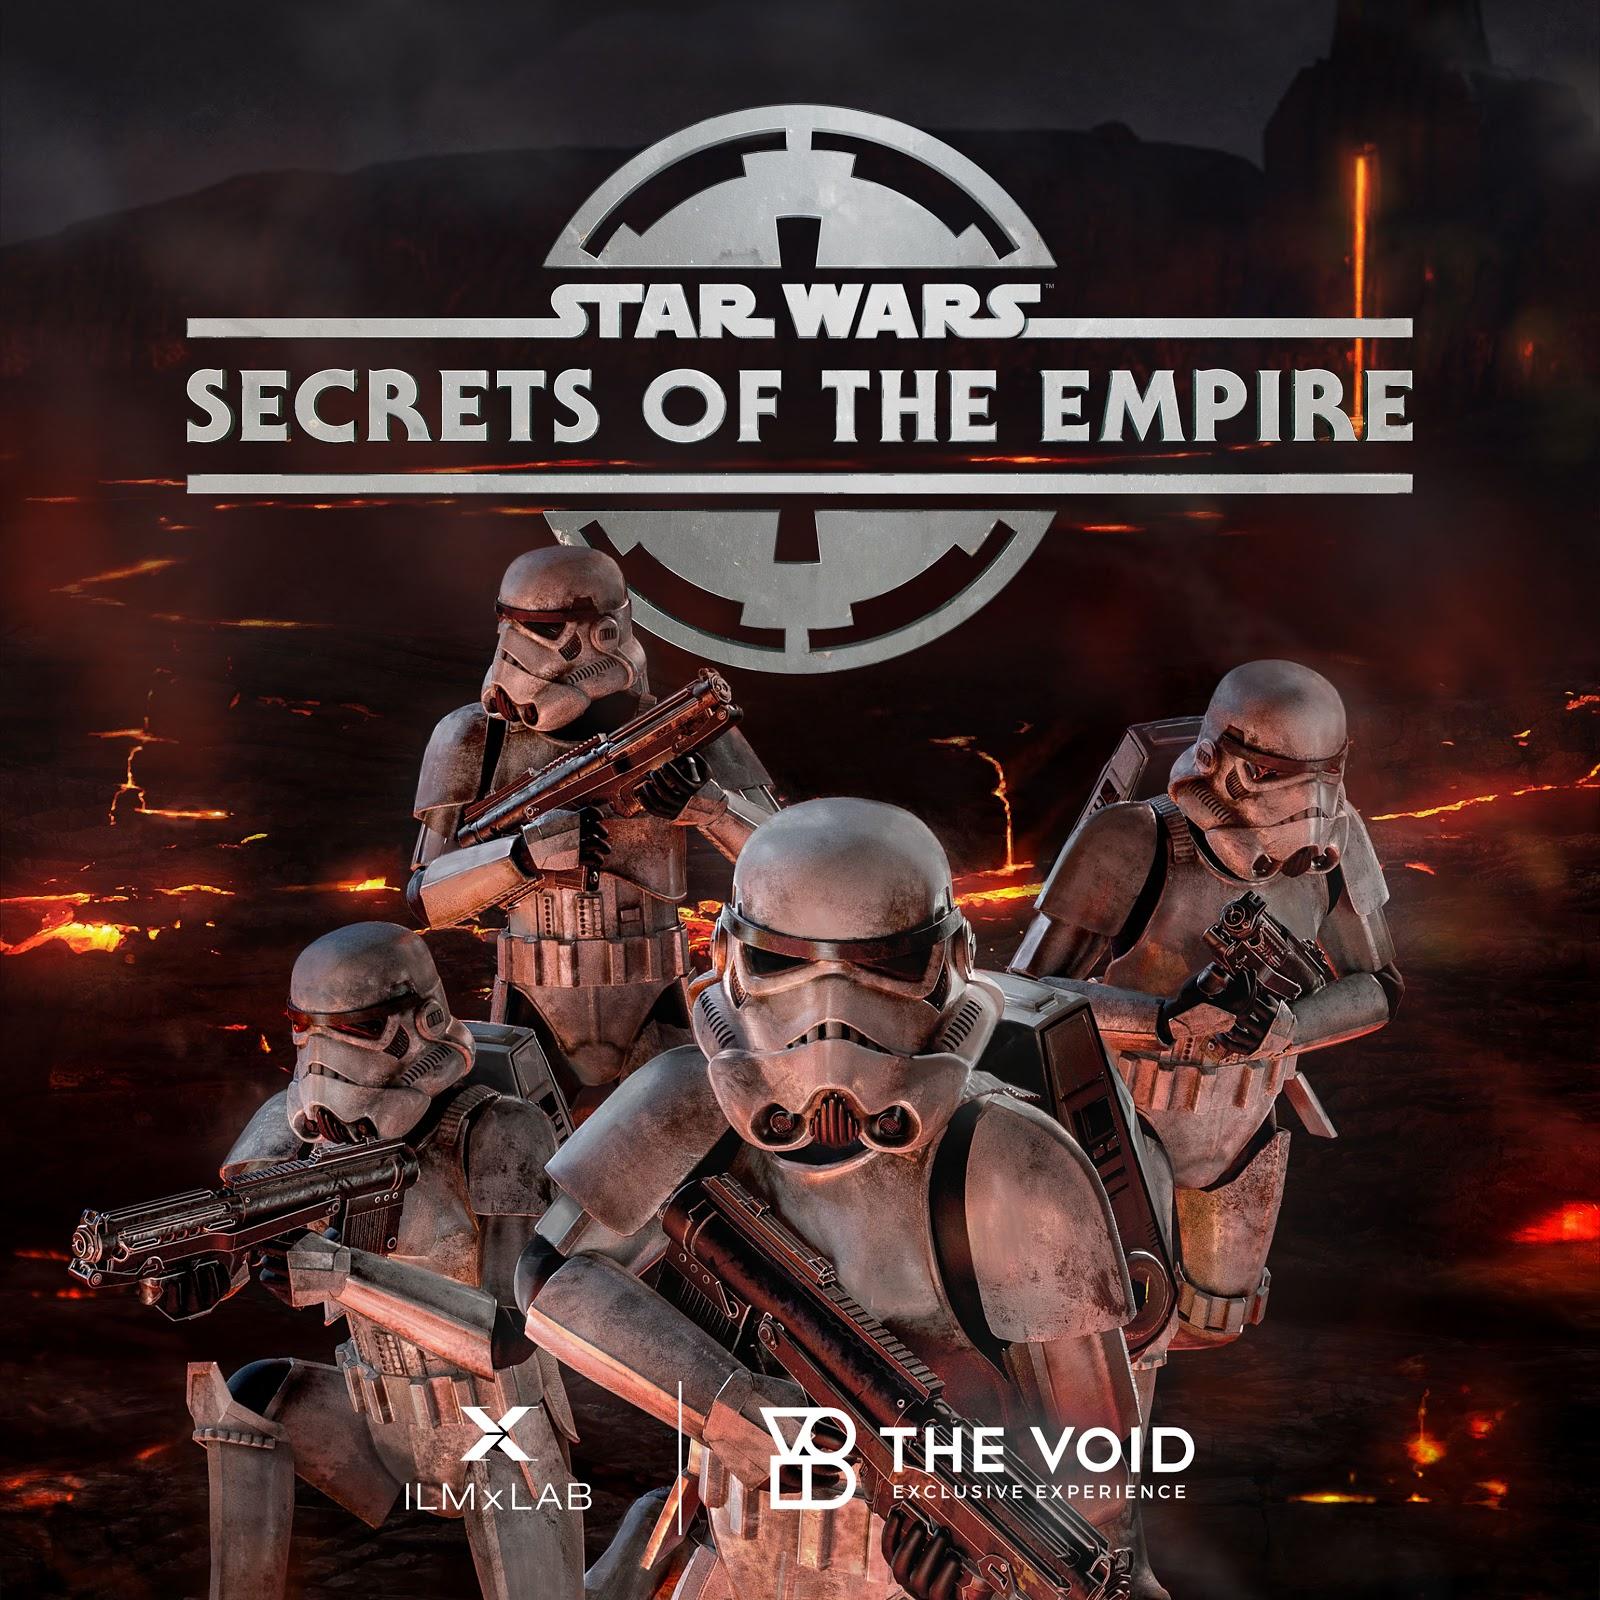 The VOID Star Wars